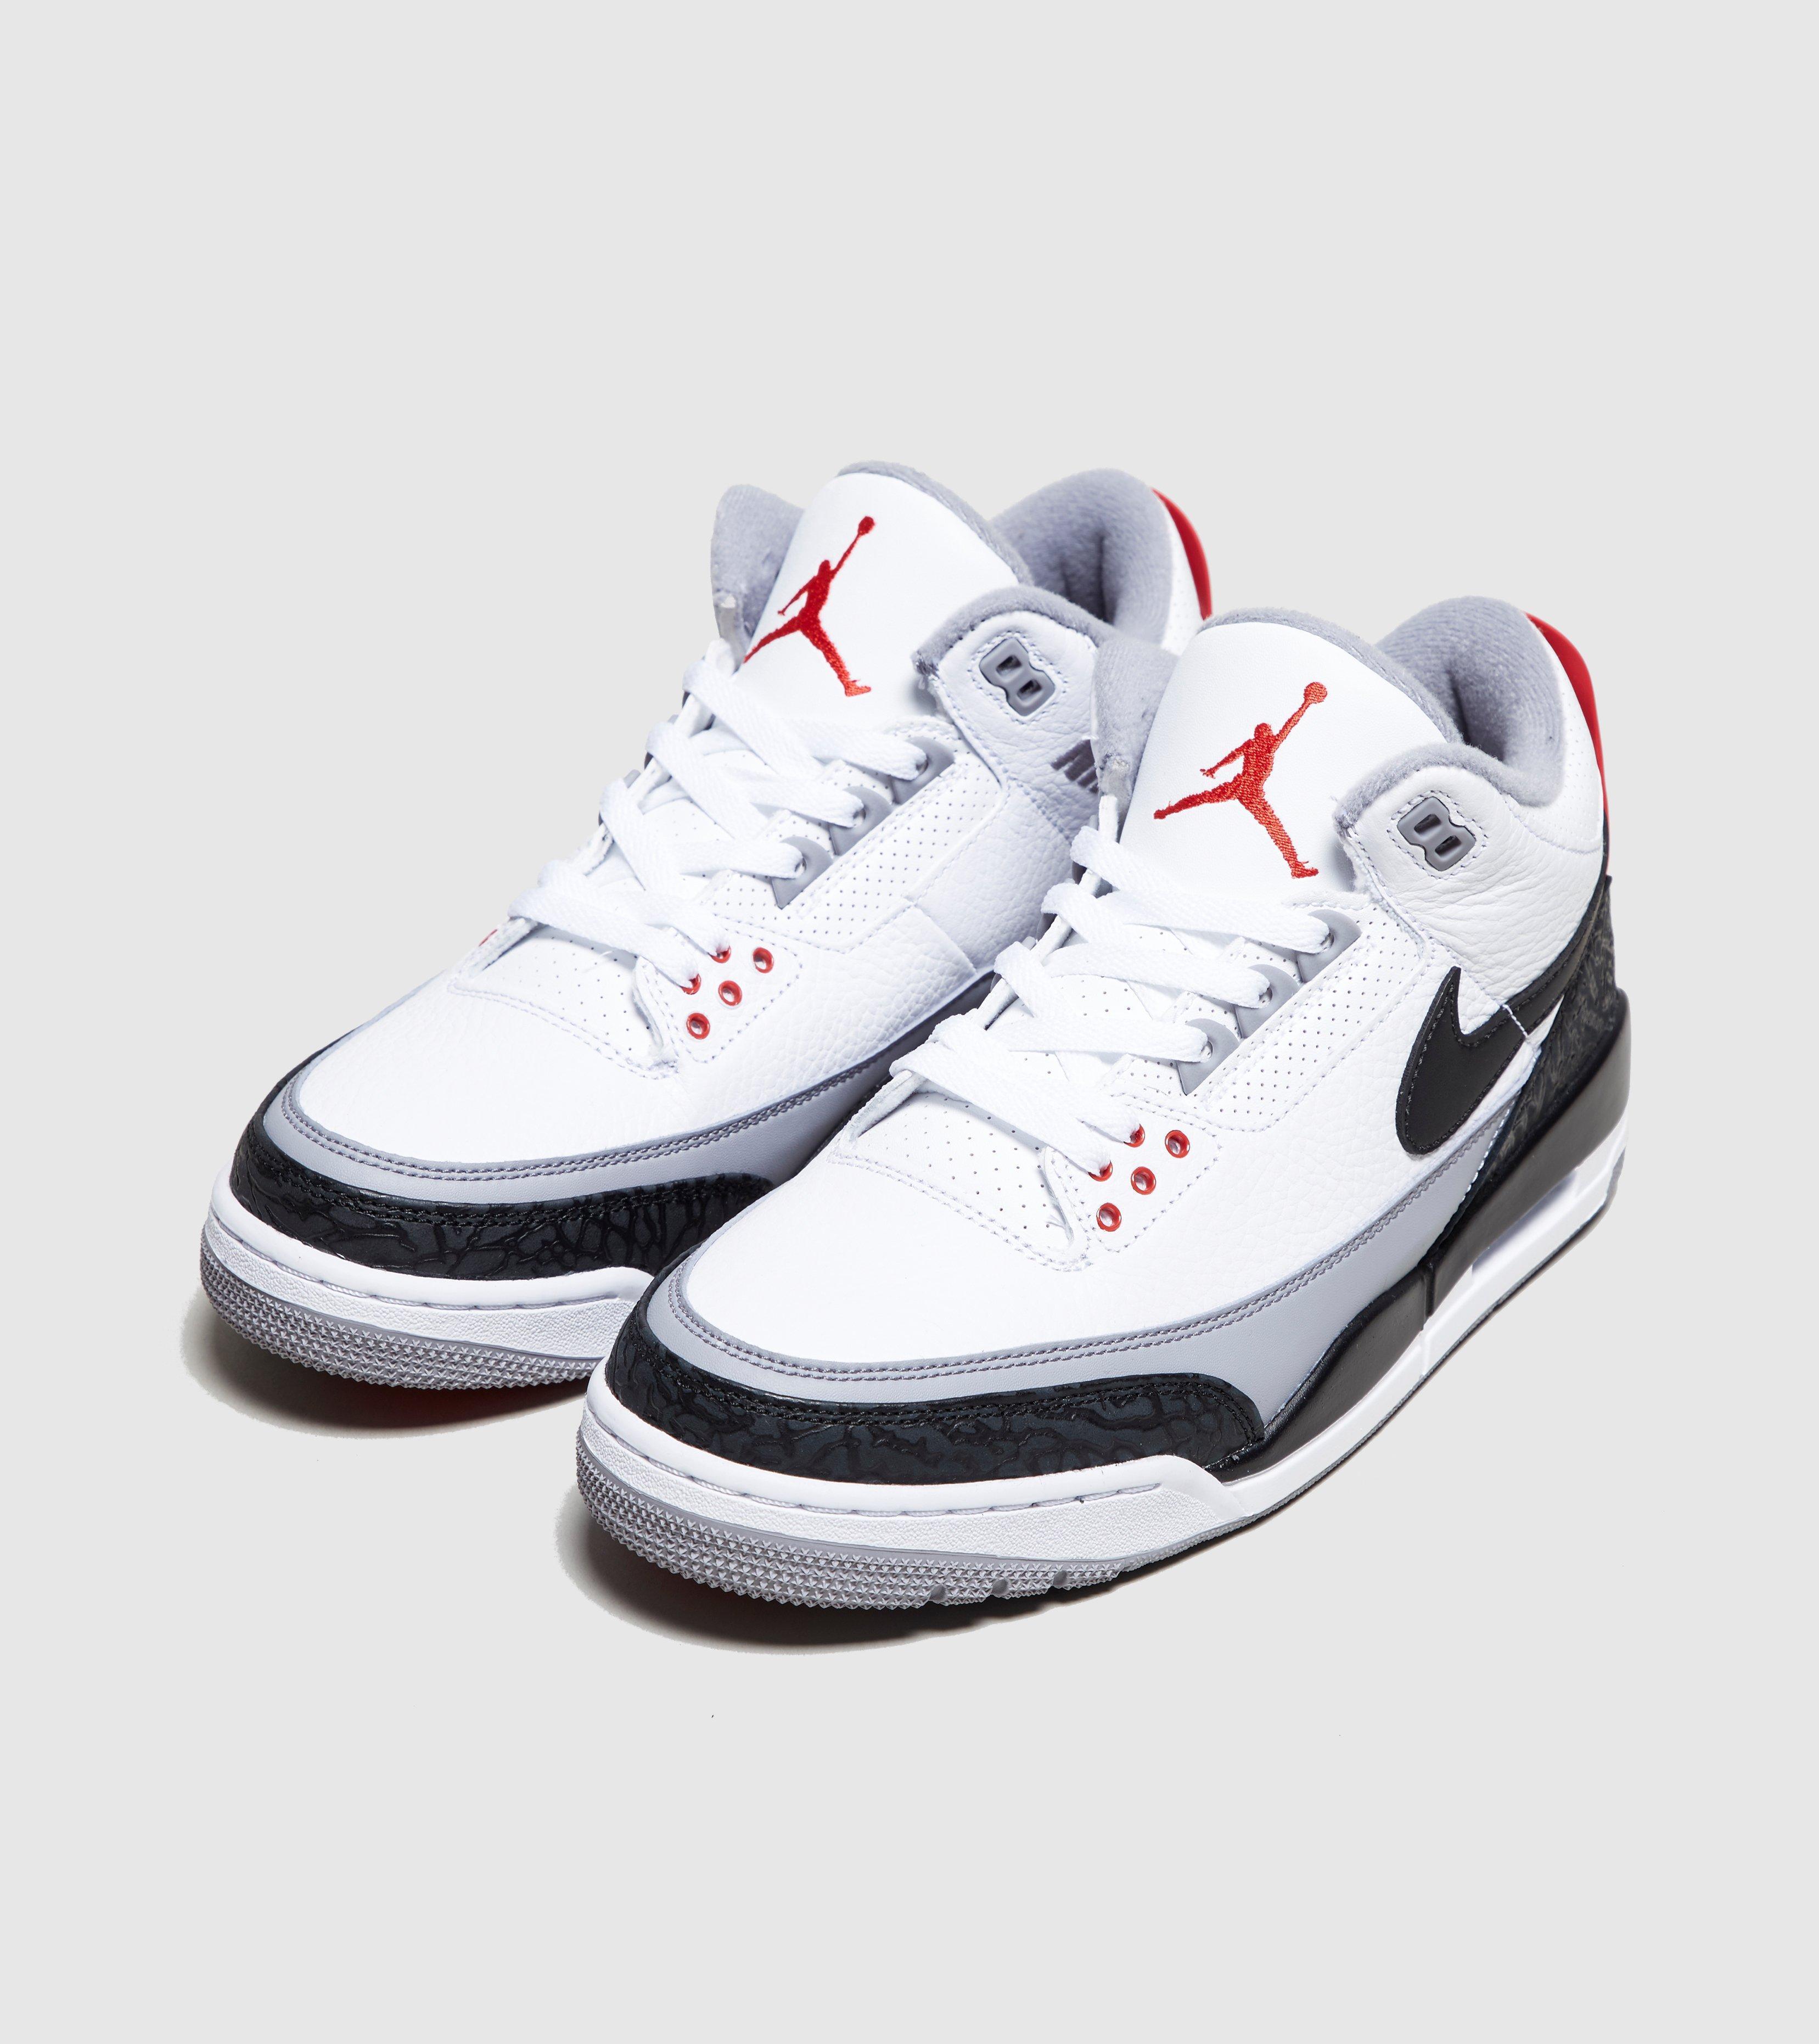 14e9e72e118ae0 Nike Air 3 Retro Tinker Energy in White for Men - Lyst